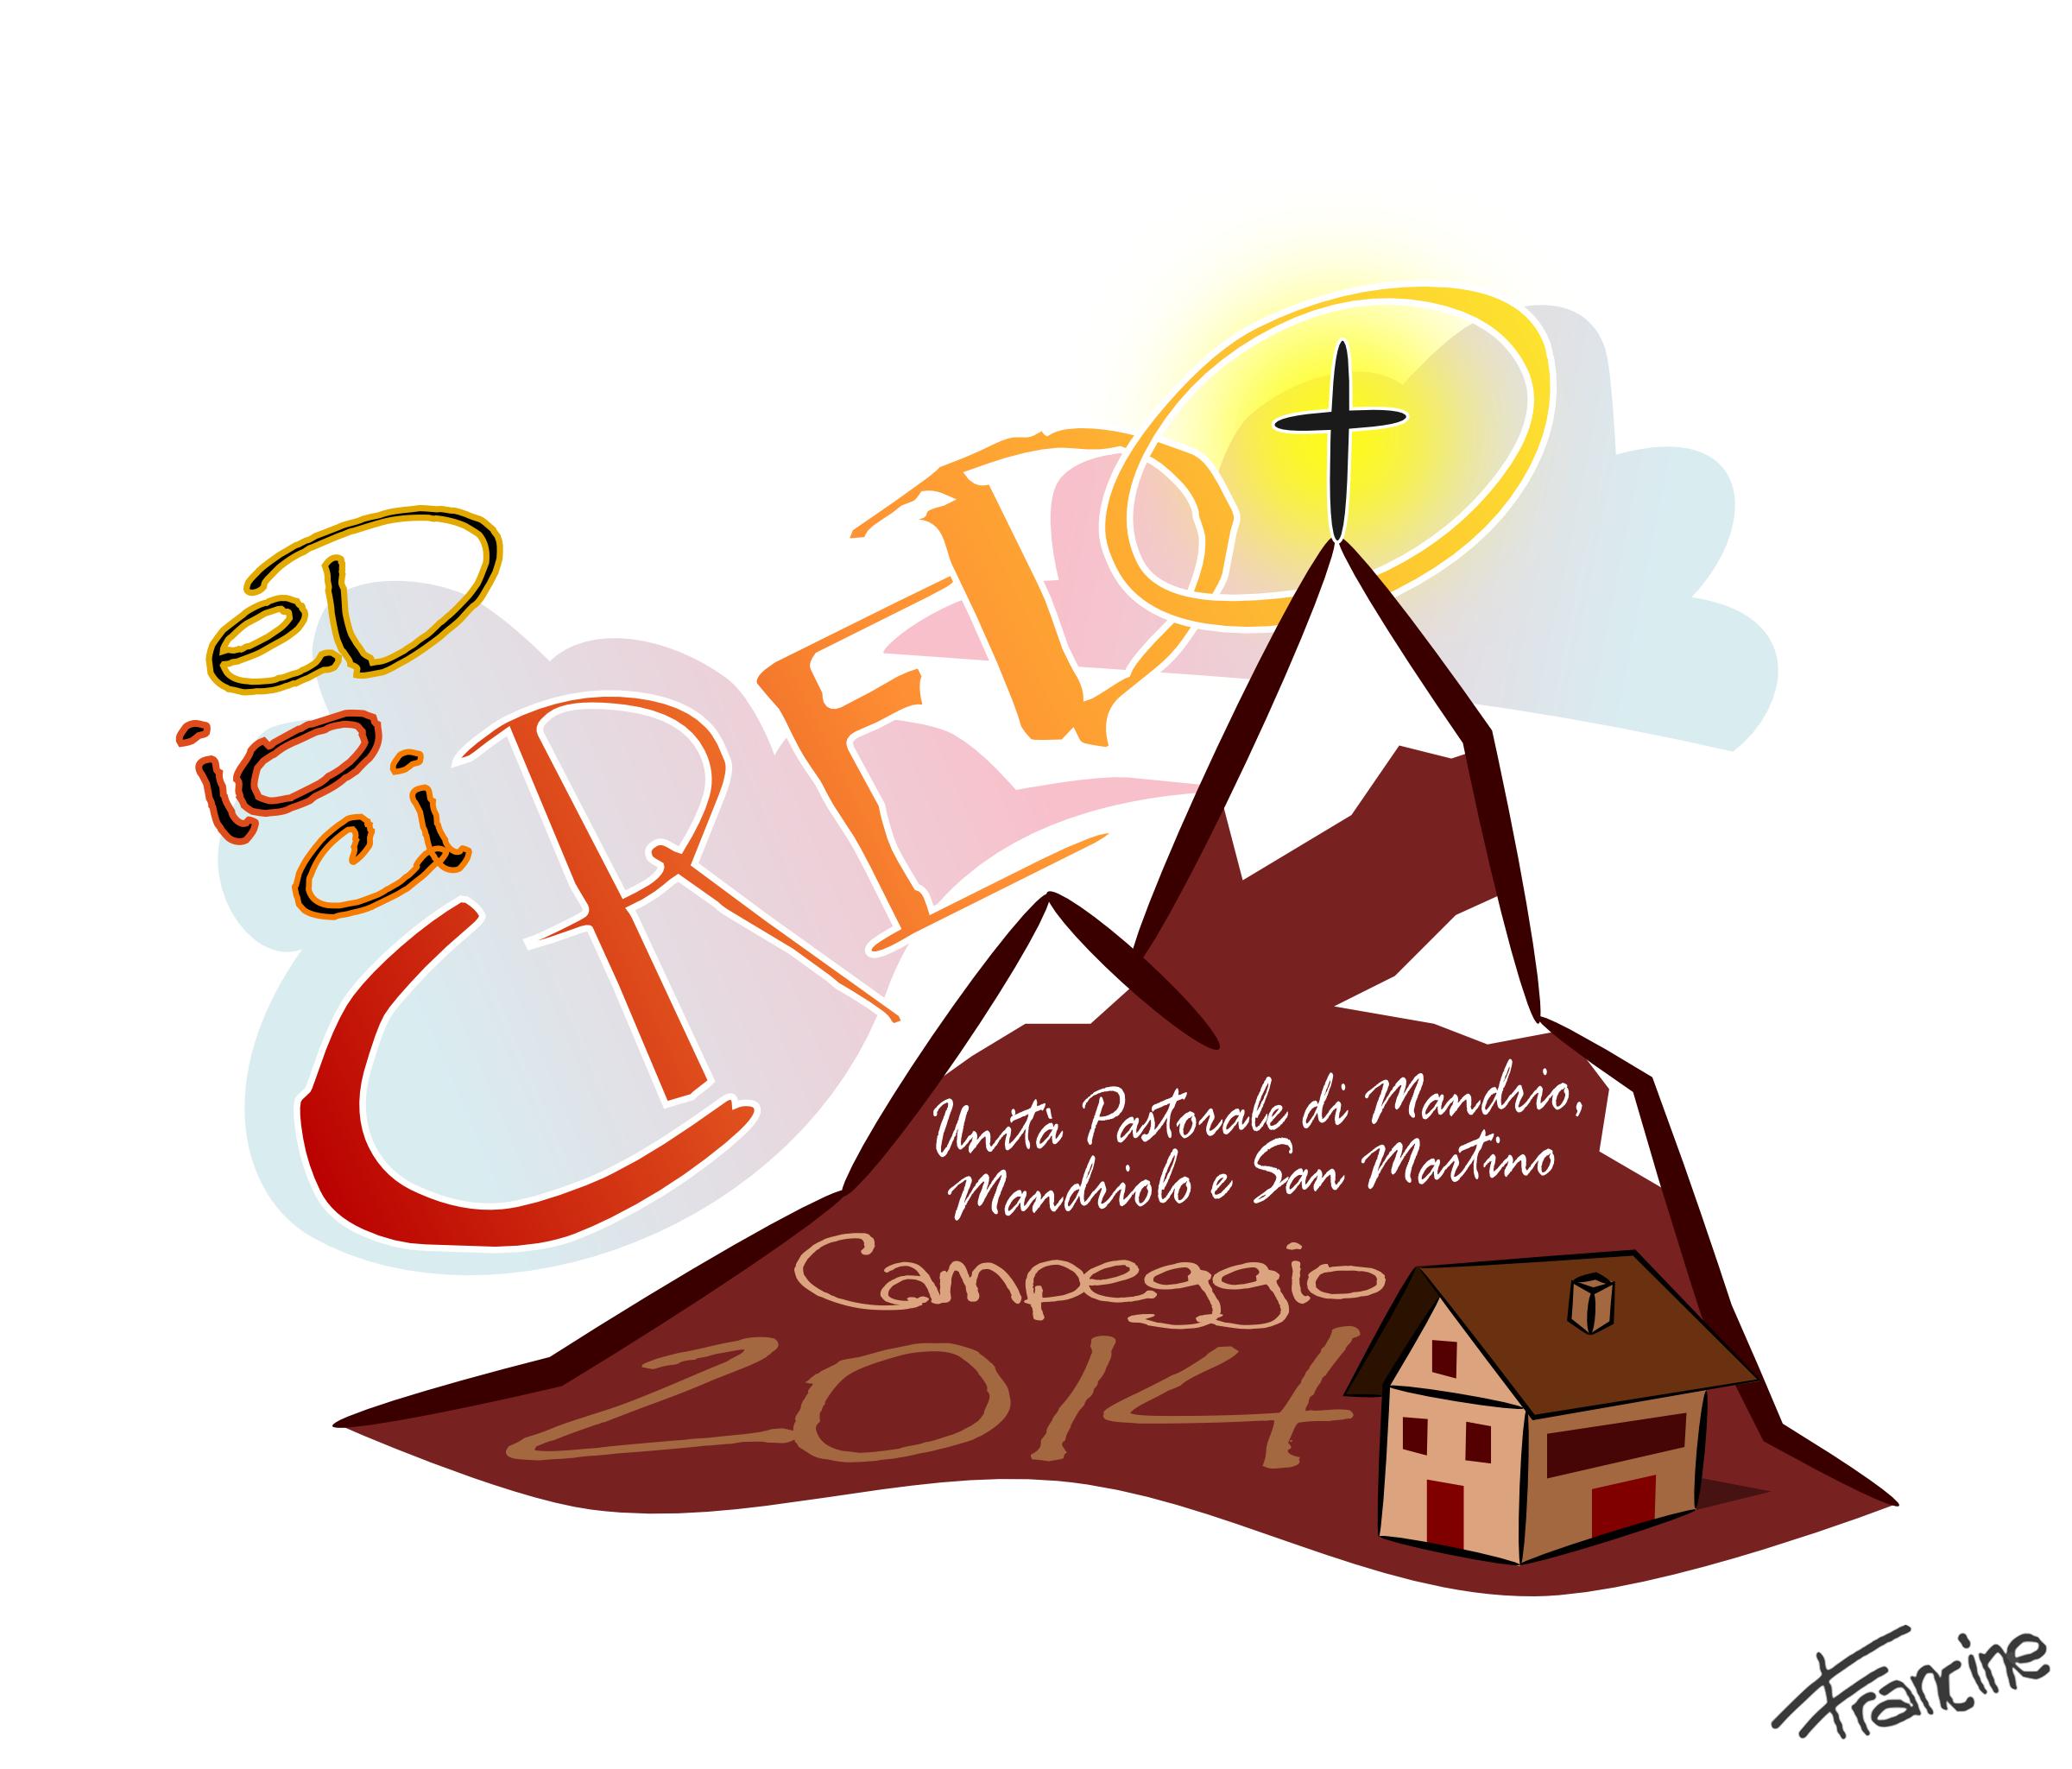 logo campeggio 2014